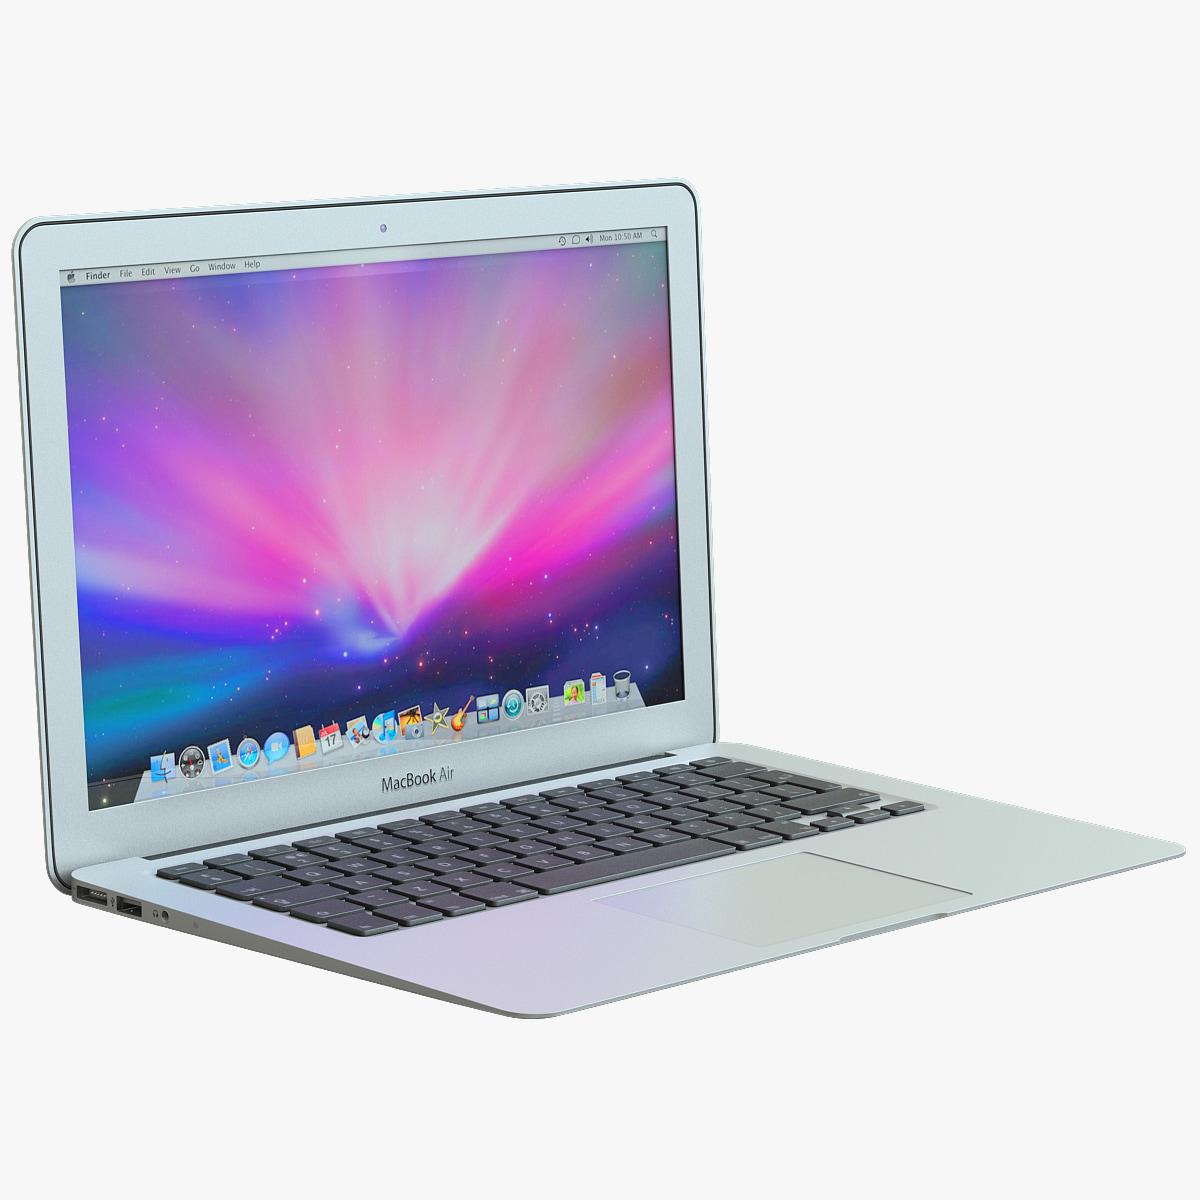 105168_Apple_MacBook_Air_2_000.jpg